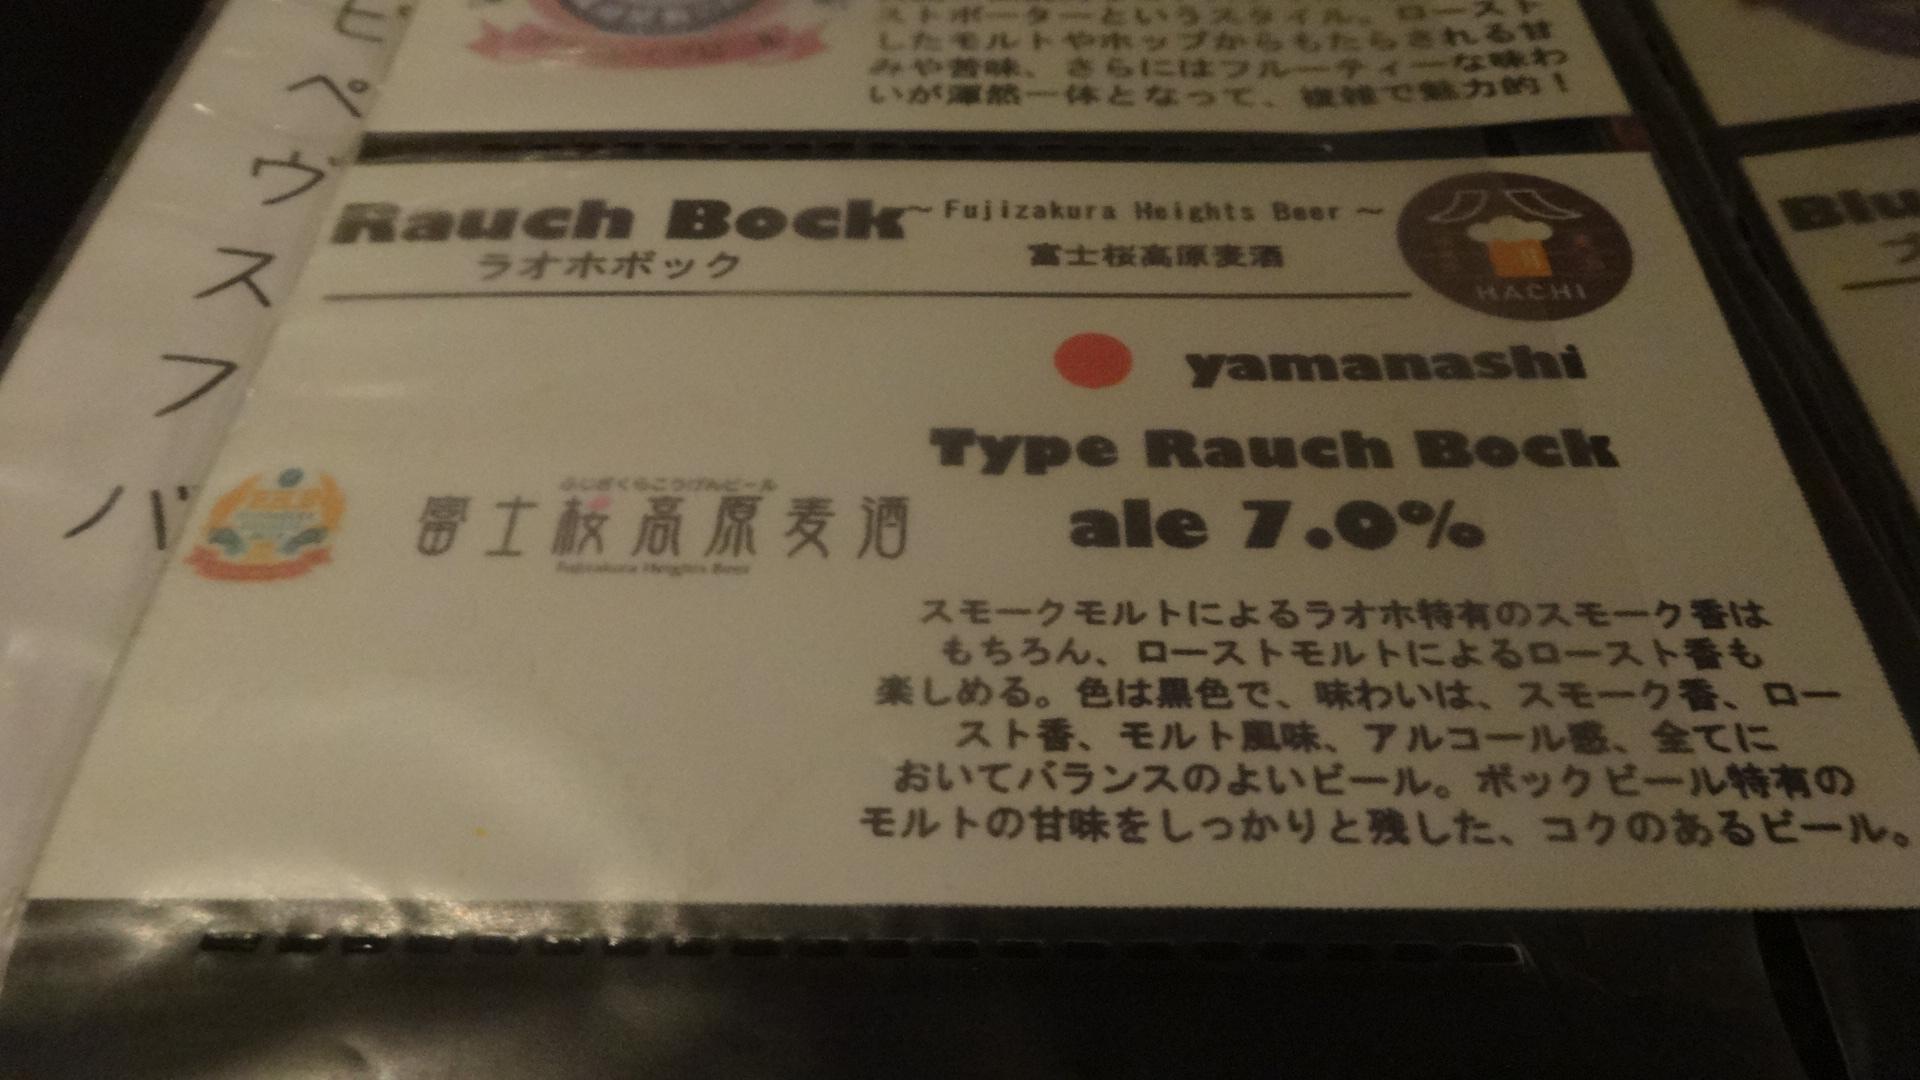 メニューにある山梨のボックビールのカード